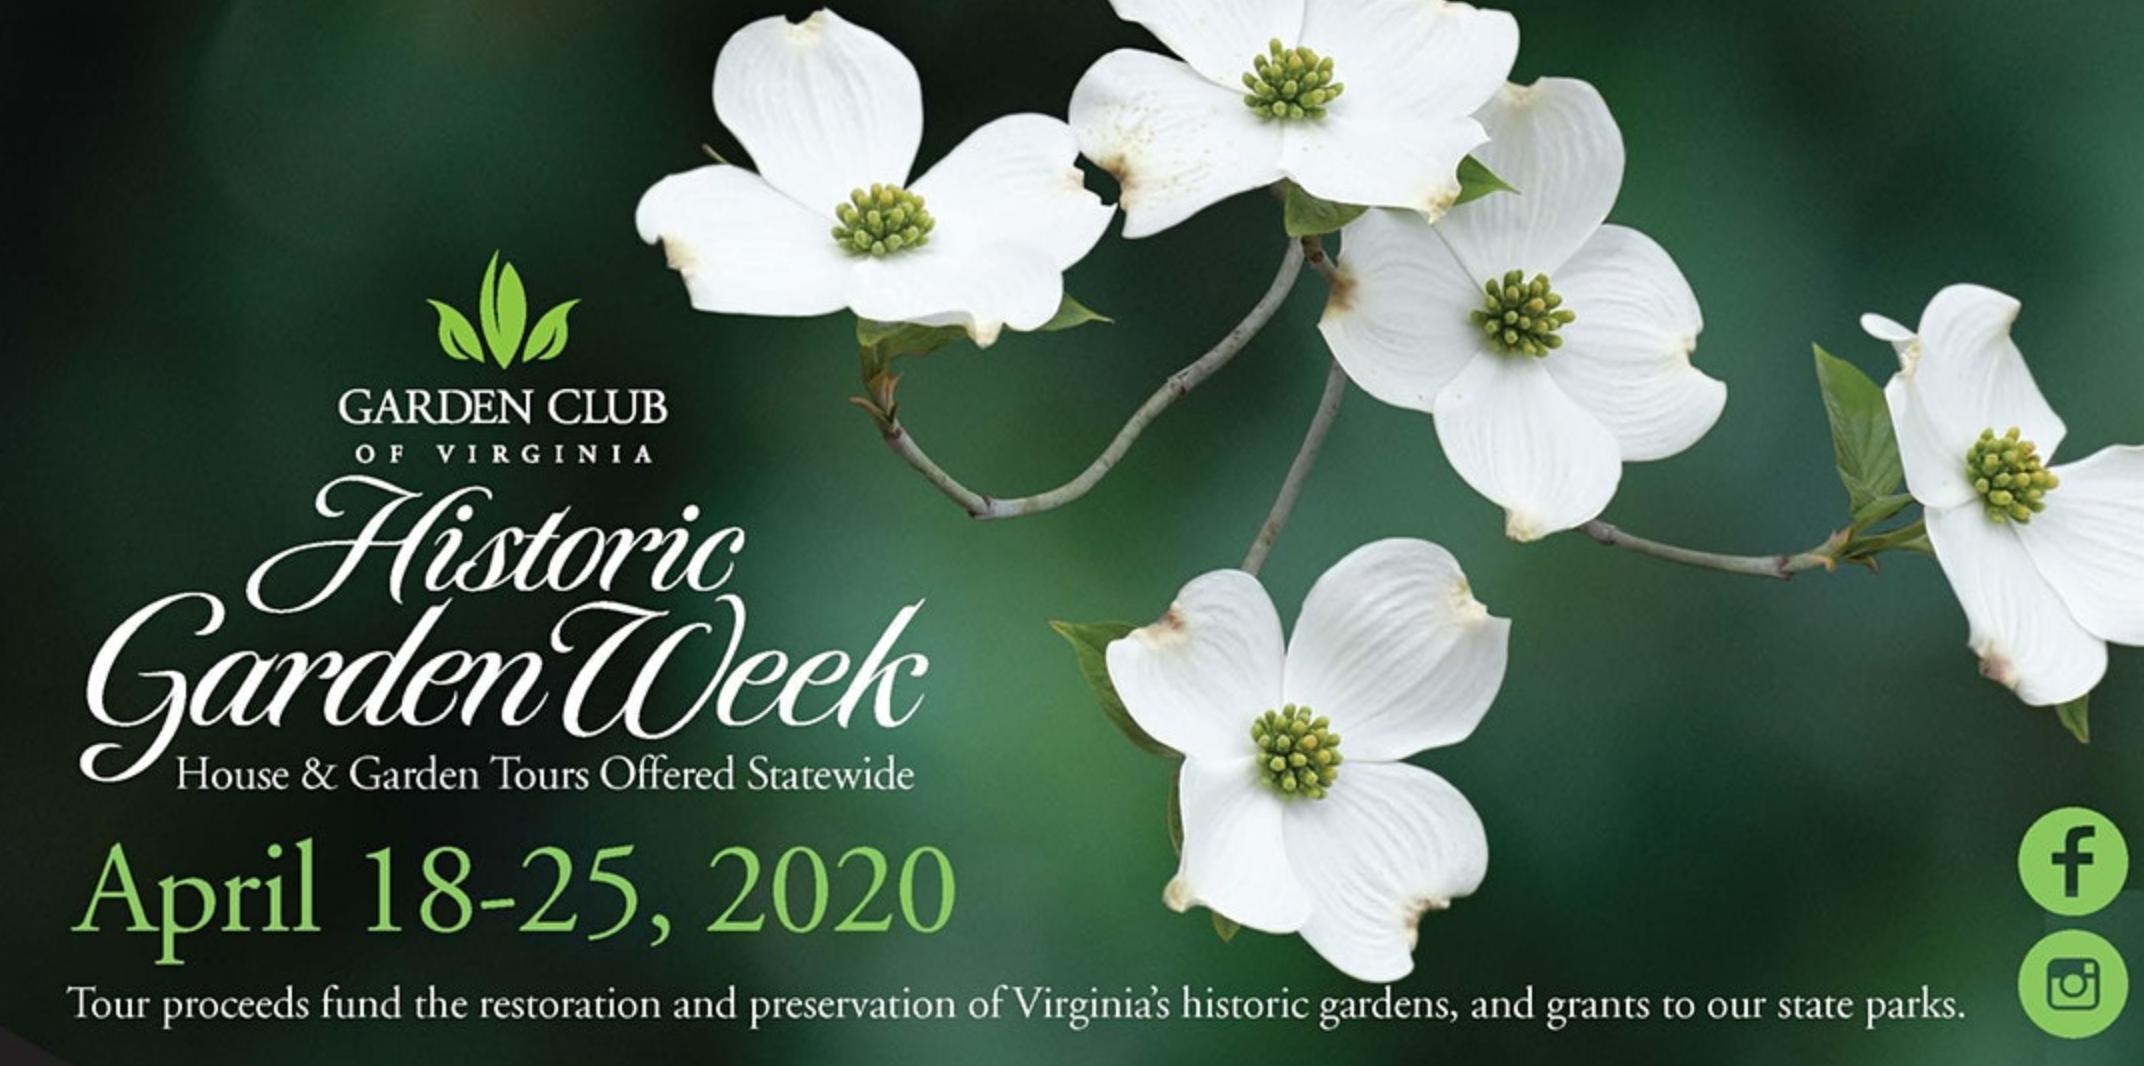 House & CANCELLED- Garden Tour – Historic Garden Week in Virginia: Middle Peninsula